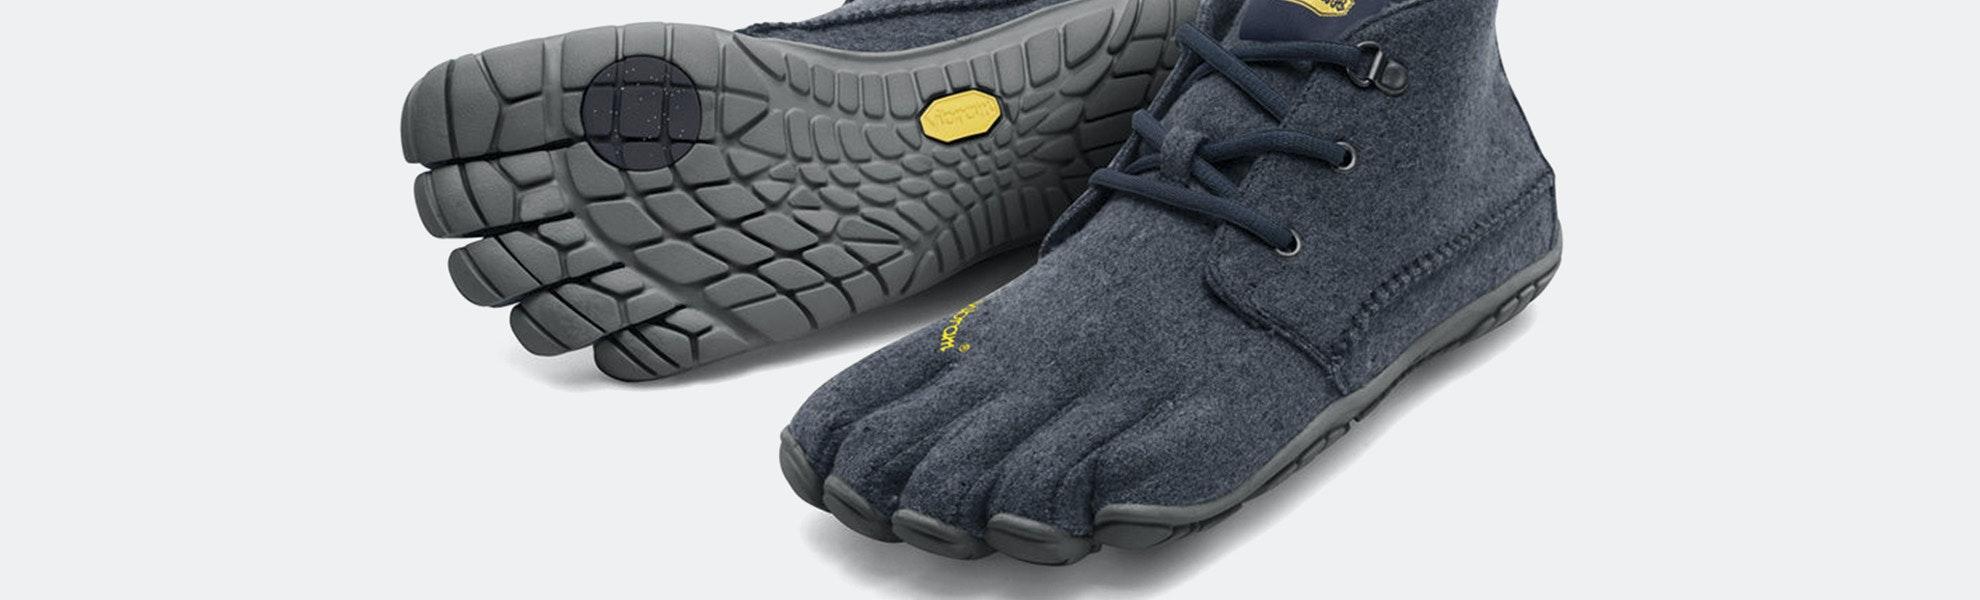 Vibram Five Fingers CVT Wool & Hemp Shoes